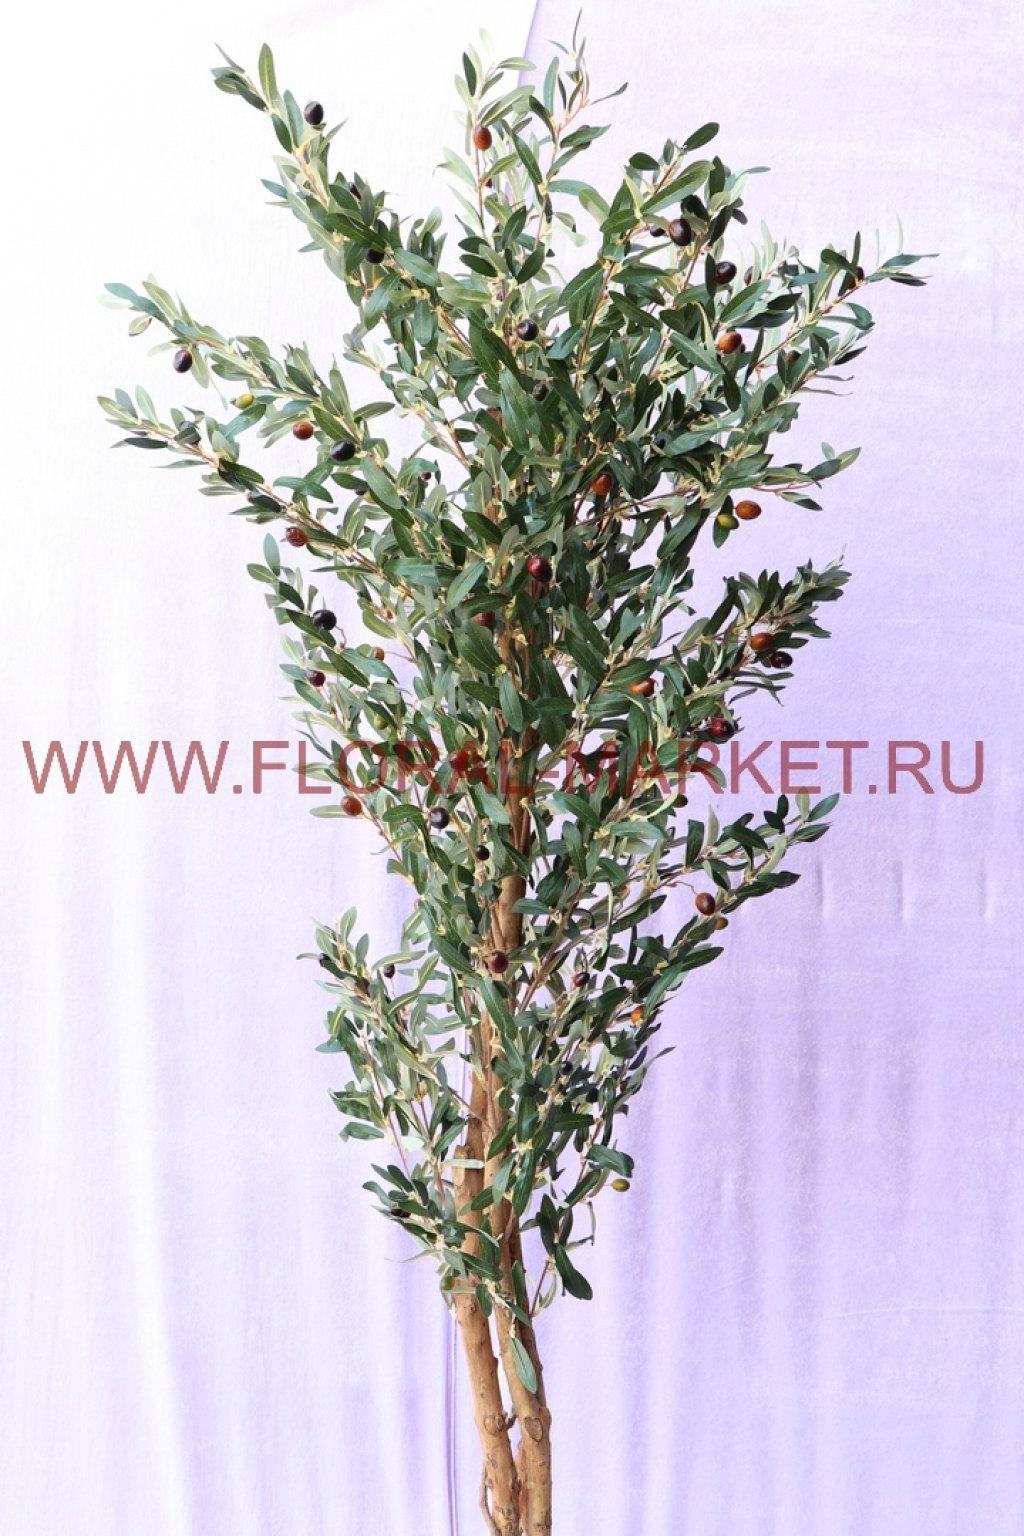 Дерево Олива h=180 см.